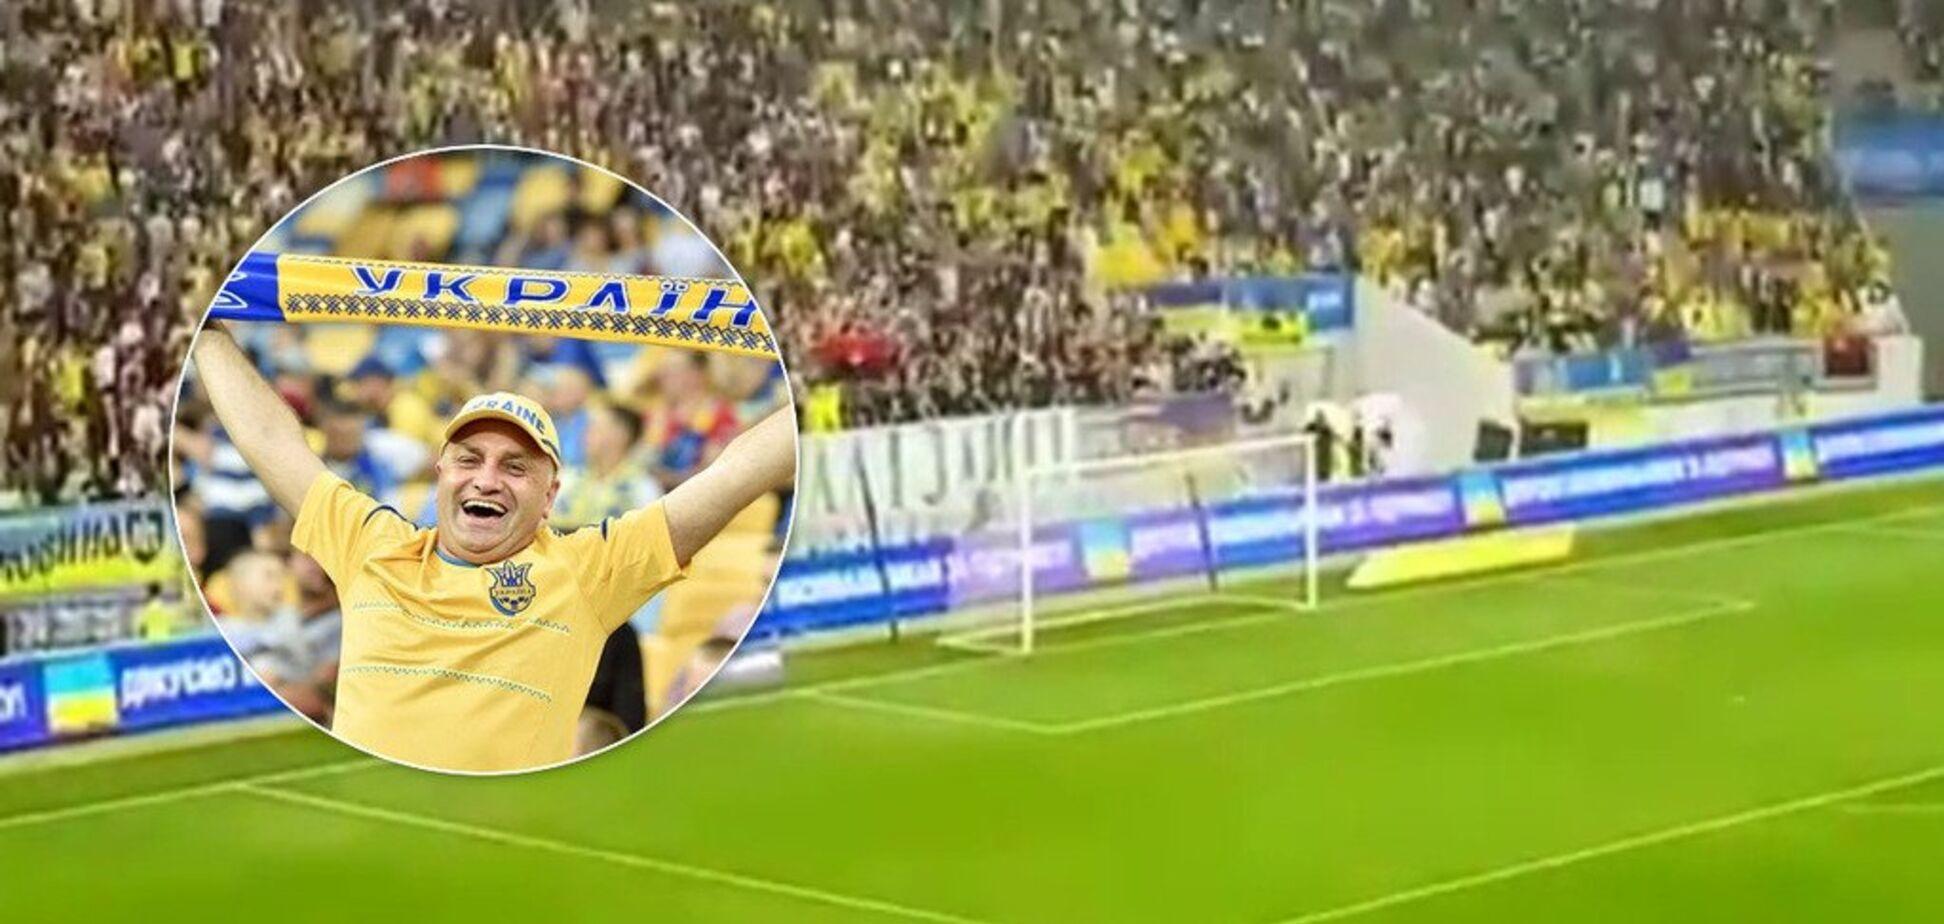 'Руська курва': українські фанати помстилися за любов до країни-агресора